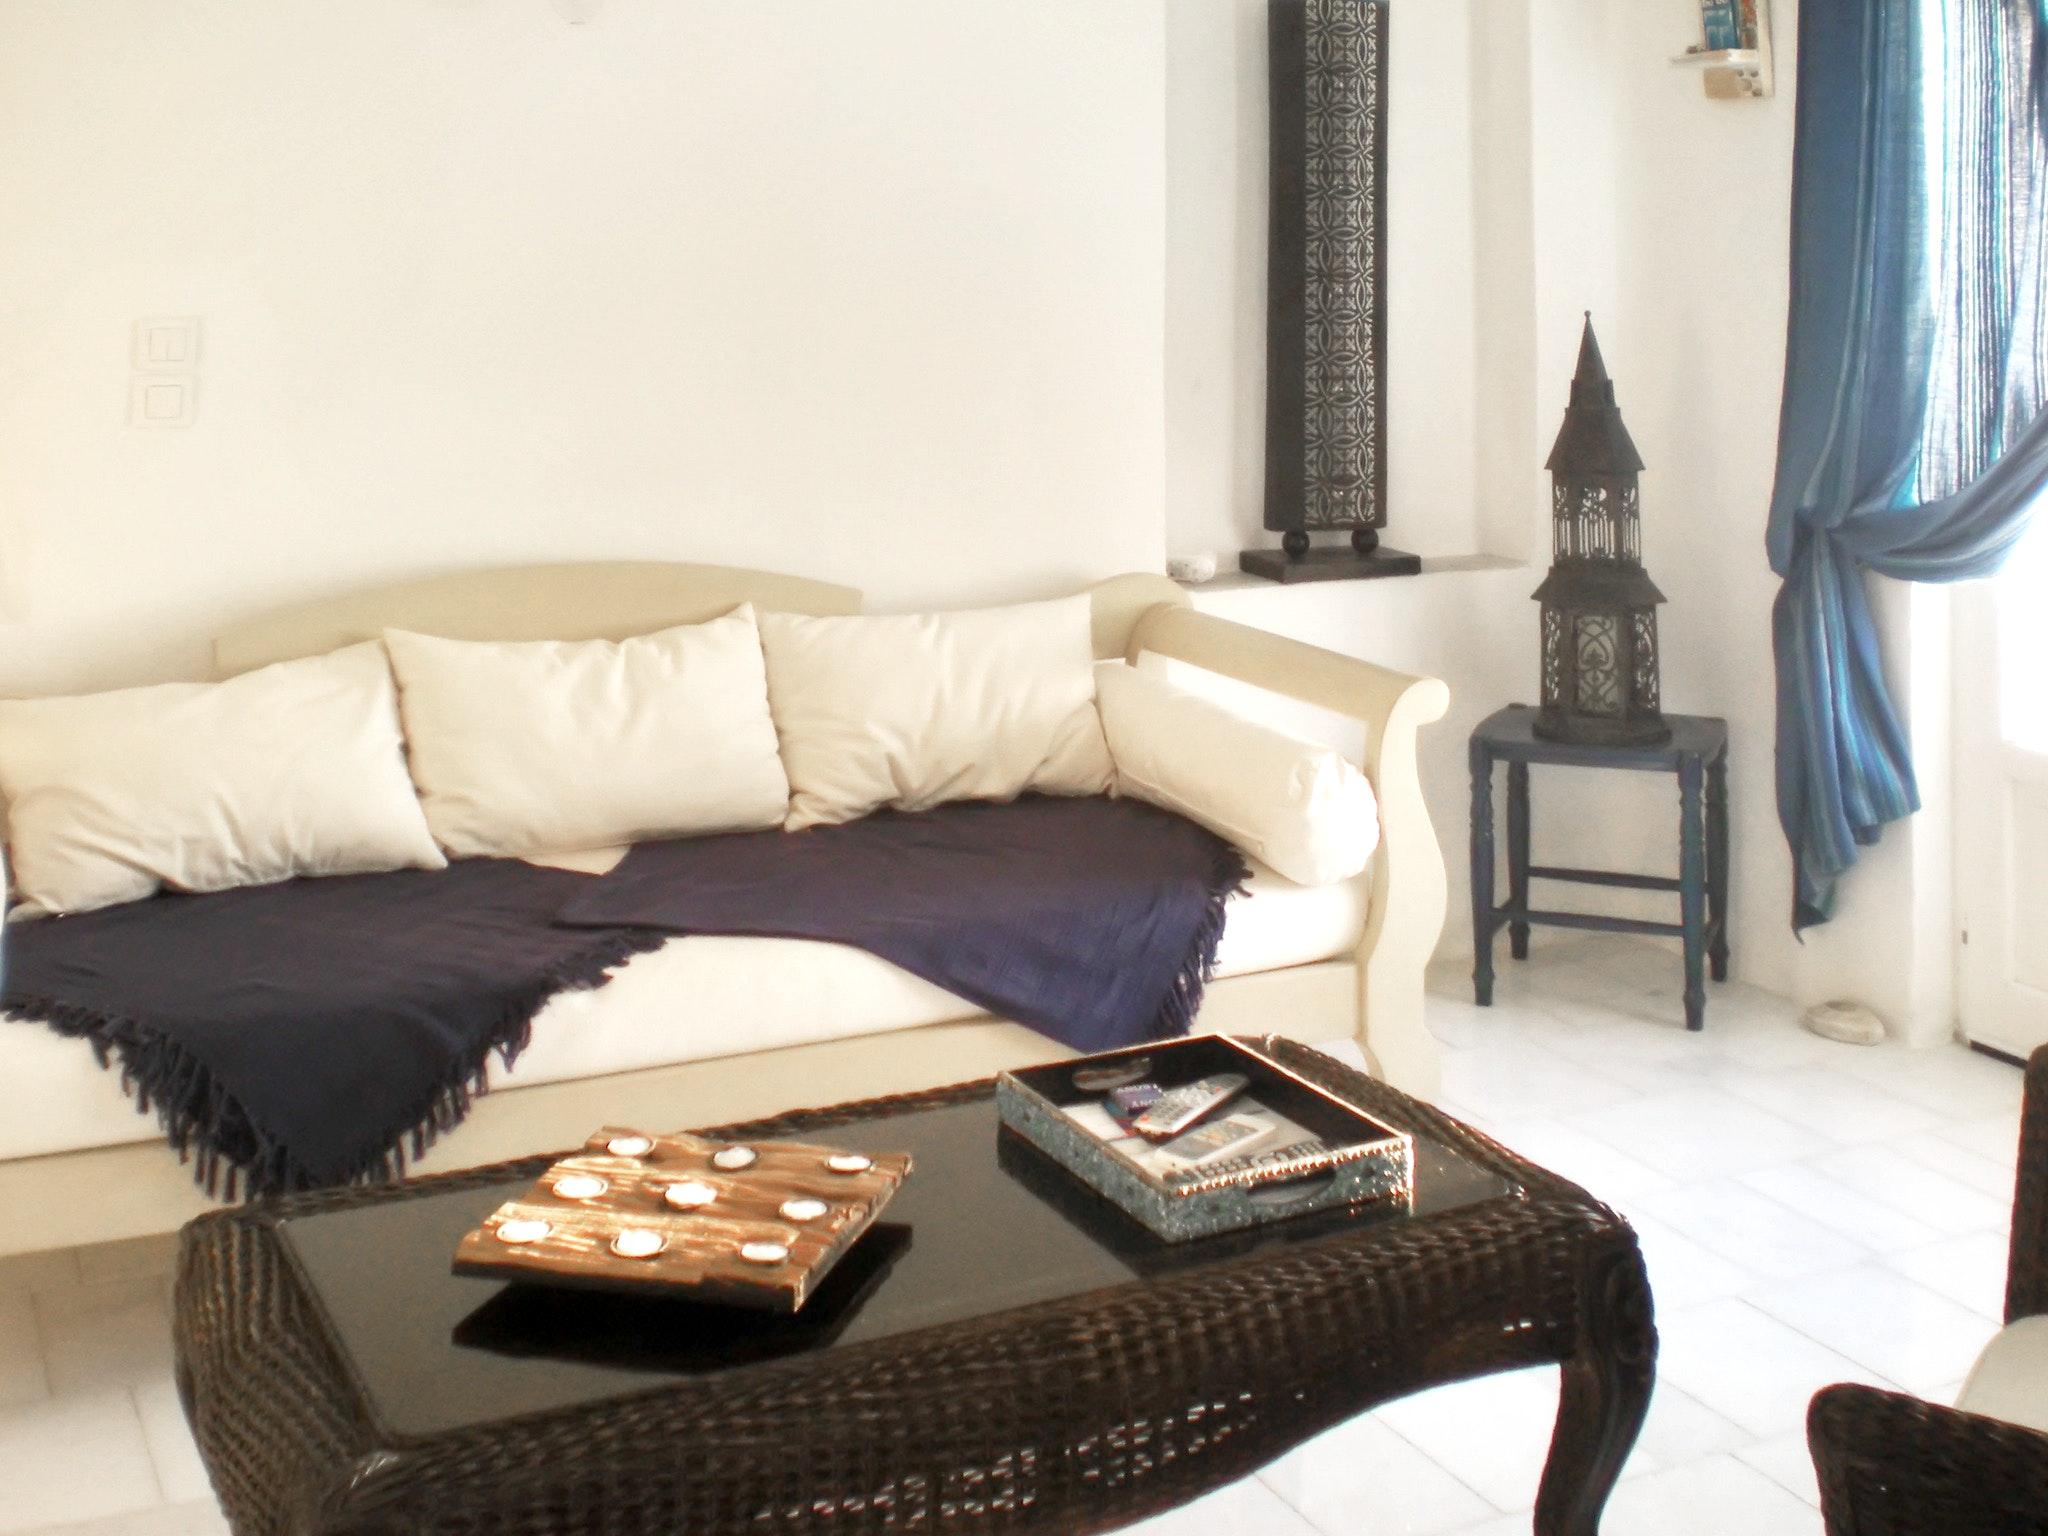 Ferienhaus Villa im Kykladen-Stil auf Paros (Griechenland), mit 2 Schlafzimmern, Gemeinschaftspool &  (2201782), Paros, Paros, Kykladen, Griechenland, Bild 6